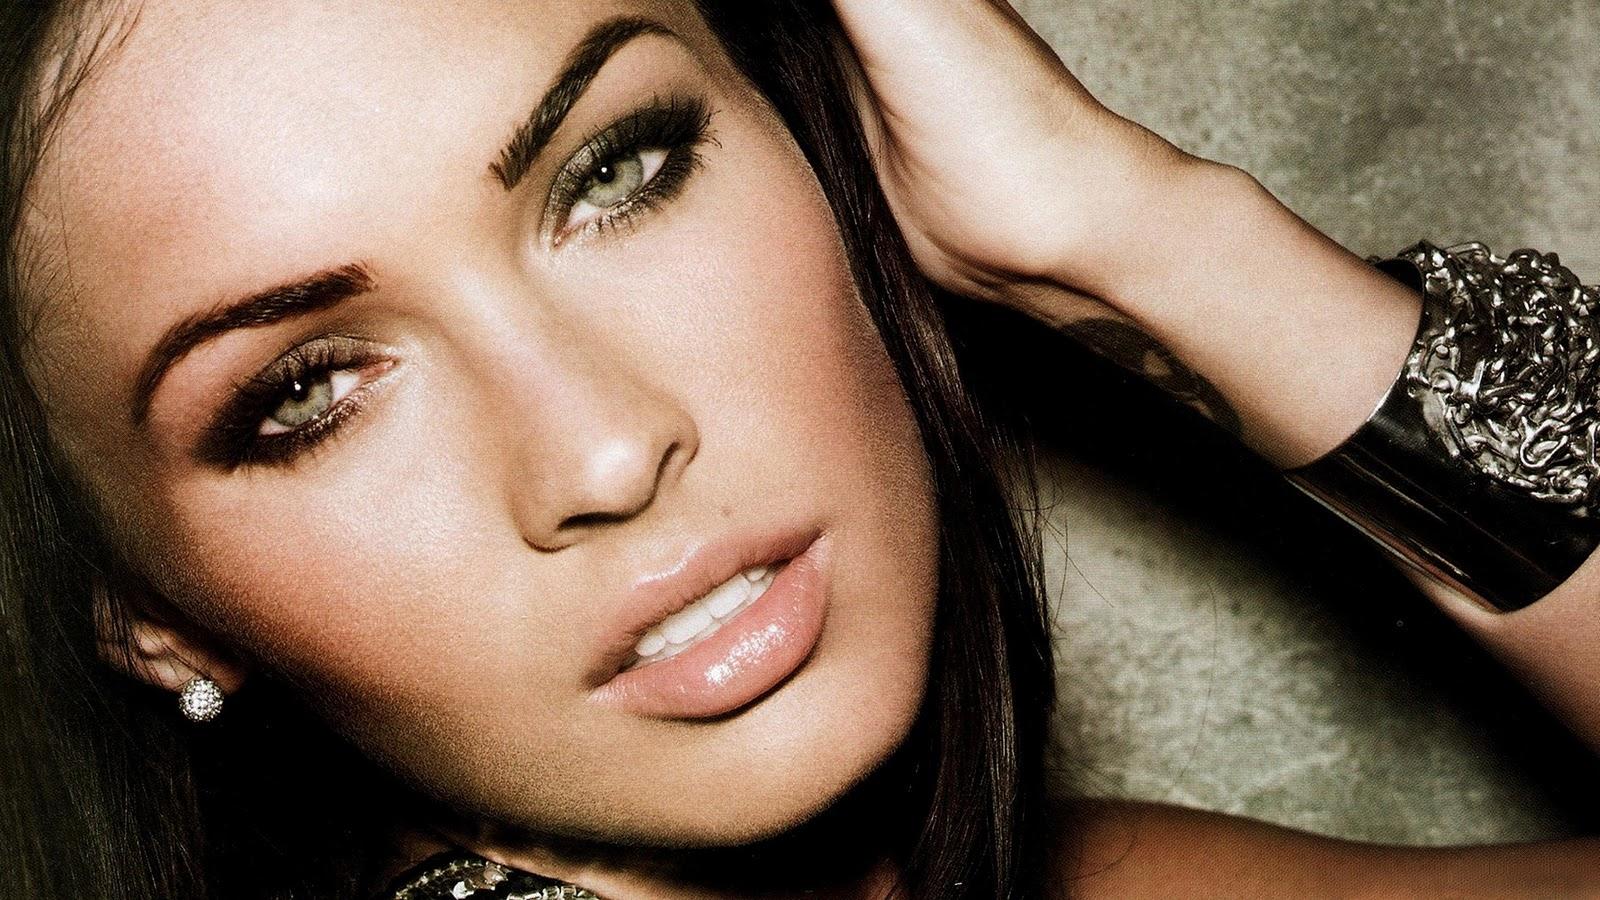 http://2.bp.blogspot.com/-0aFVKym0-Ec/Tqwqhe5gx-I/AAAAAAAAAUo/CP1ohHIBLnY/s1600/Beautiful_Megan_Fox_1236.jpg